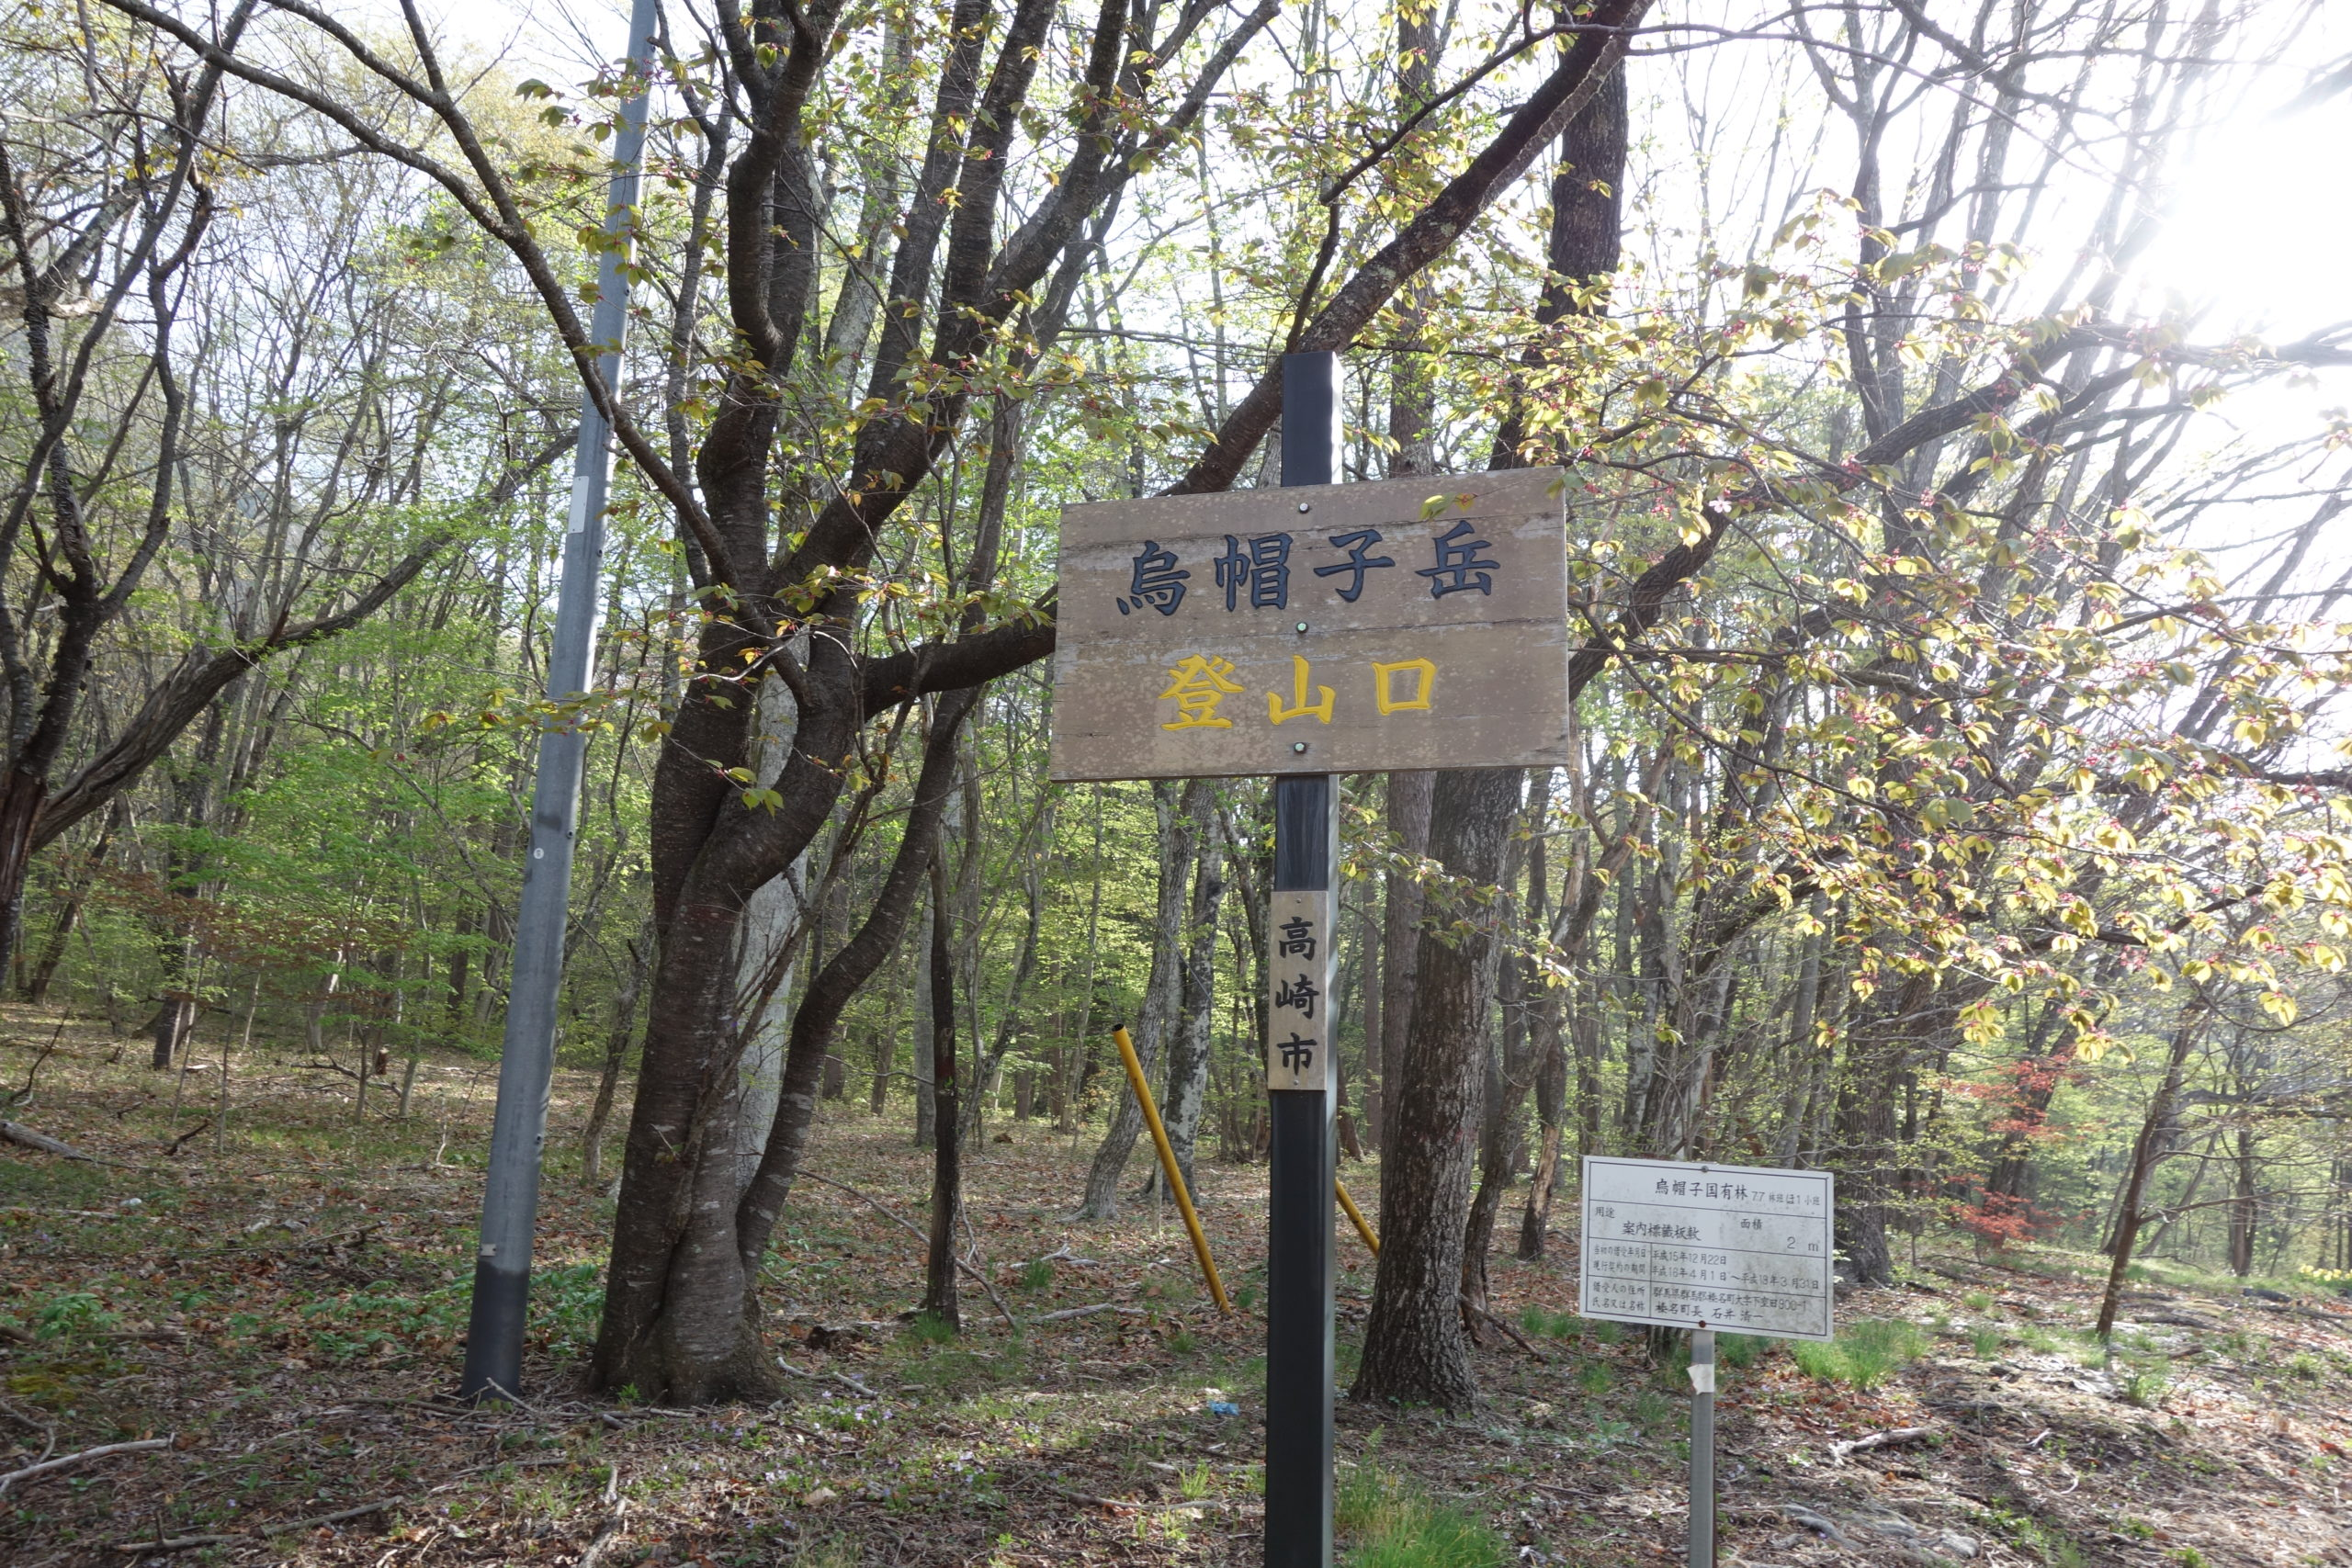 榛名湖一周 榛名富士下山〜烏帽子ヶ岳登山口